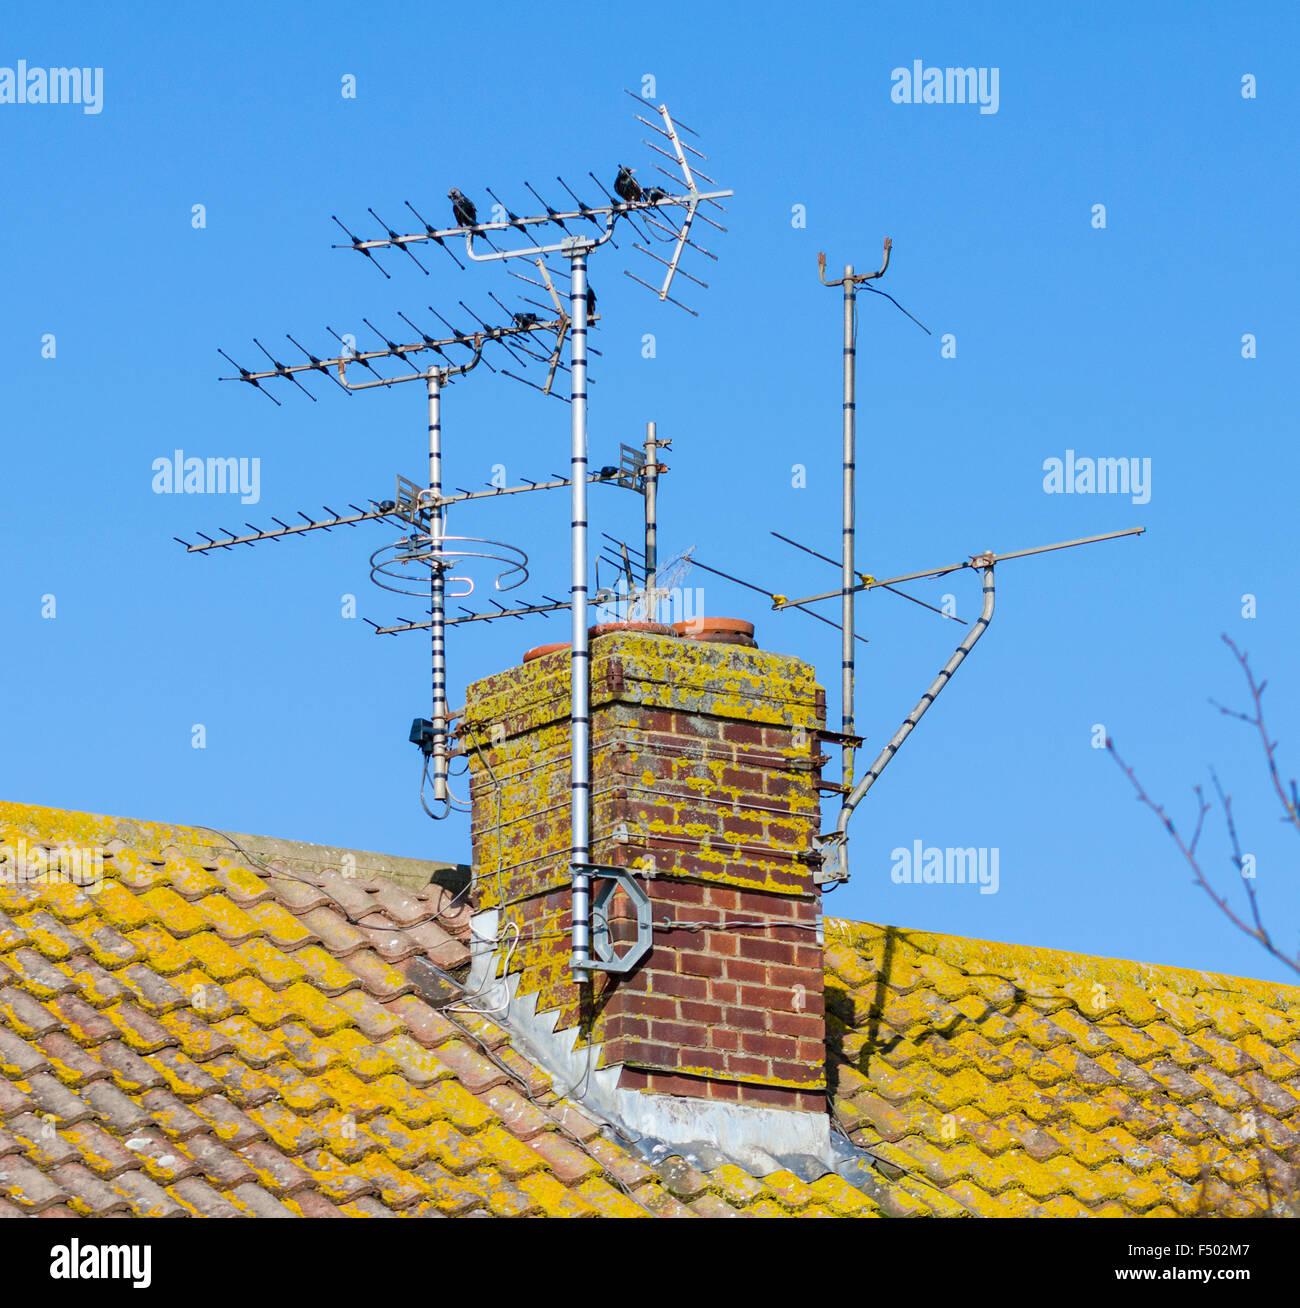 TV-Antennen auf einem Schornstein auf ein Haus in Großbritannien. Stockbild